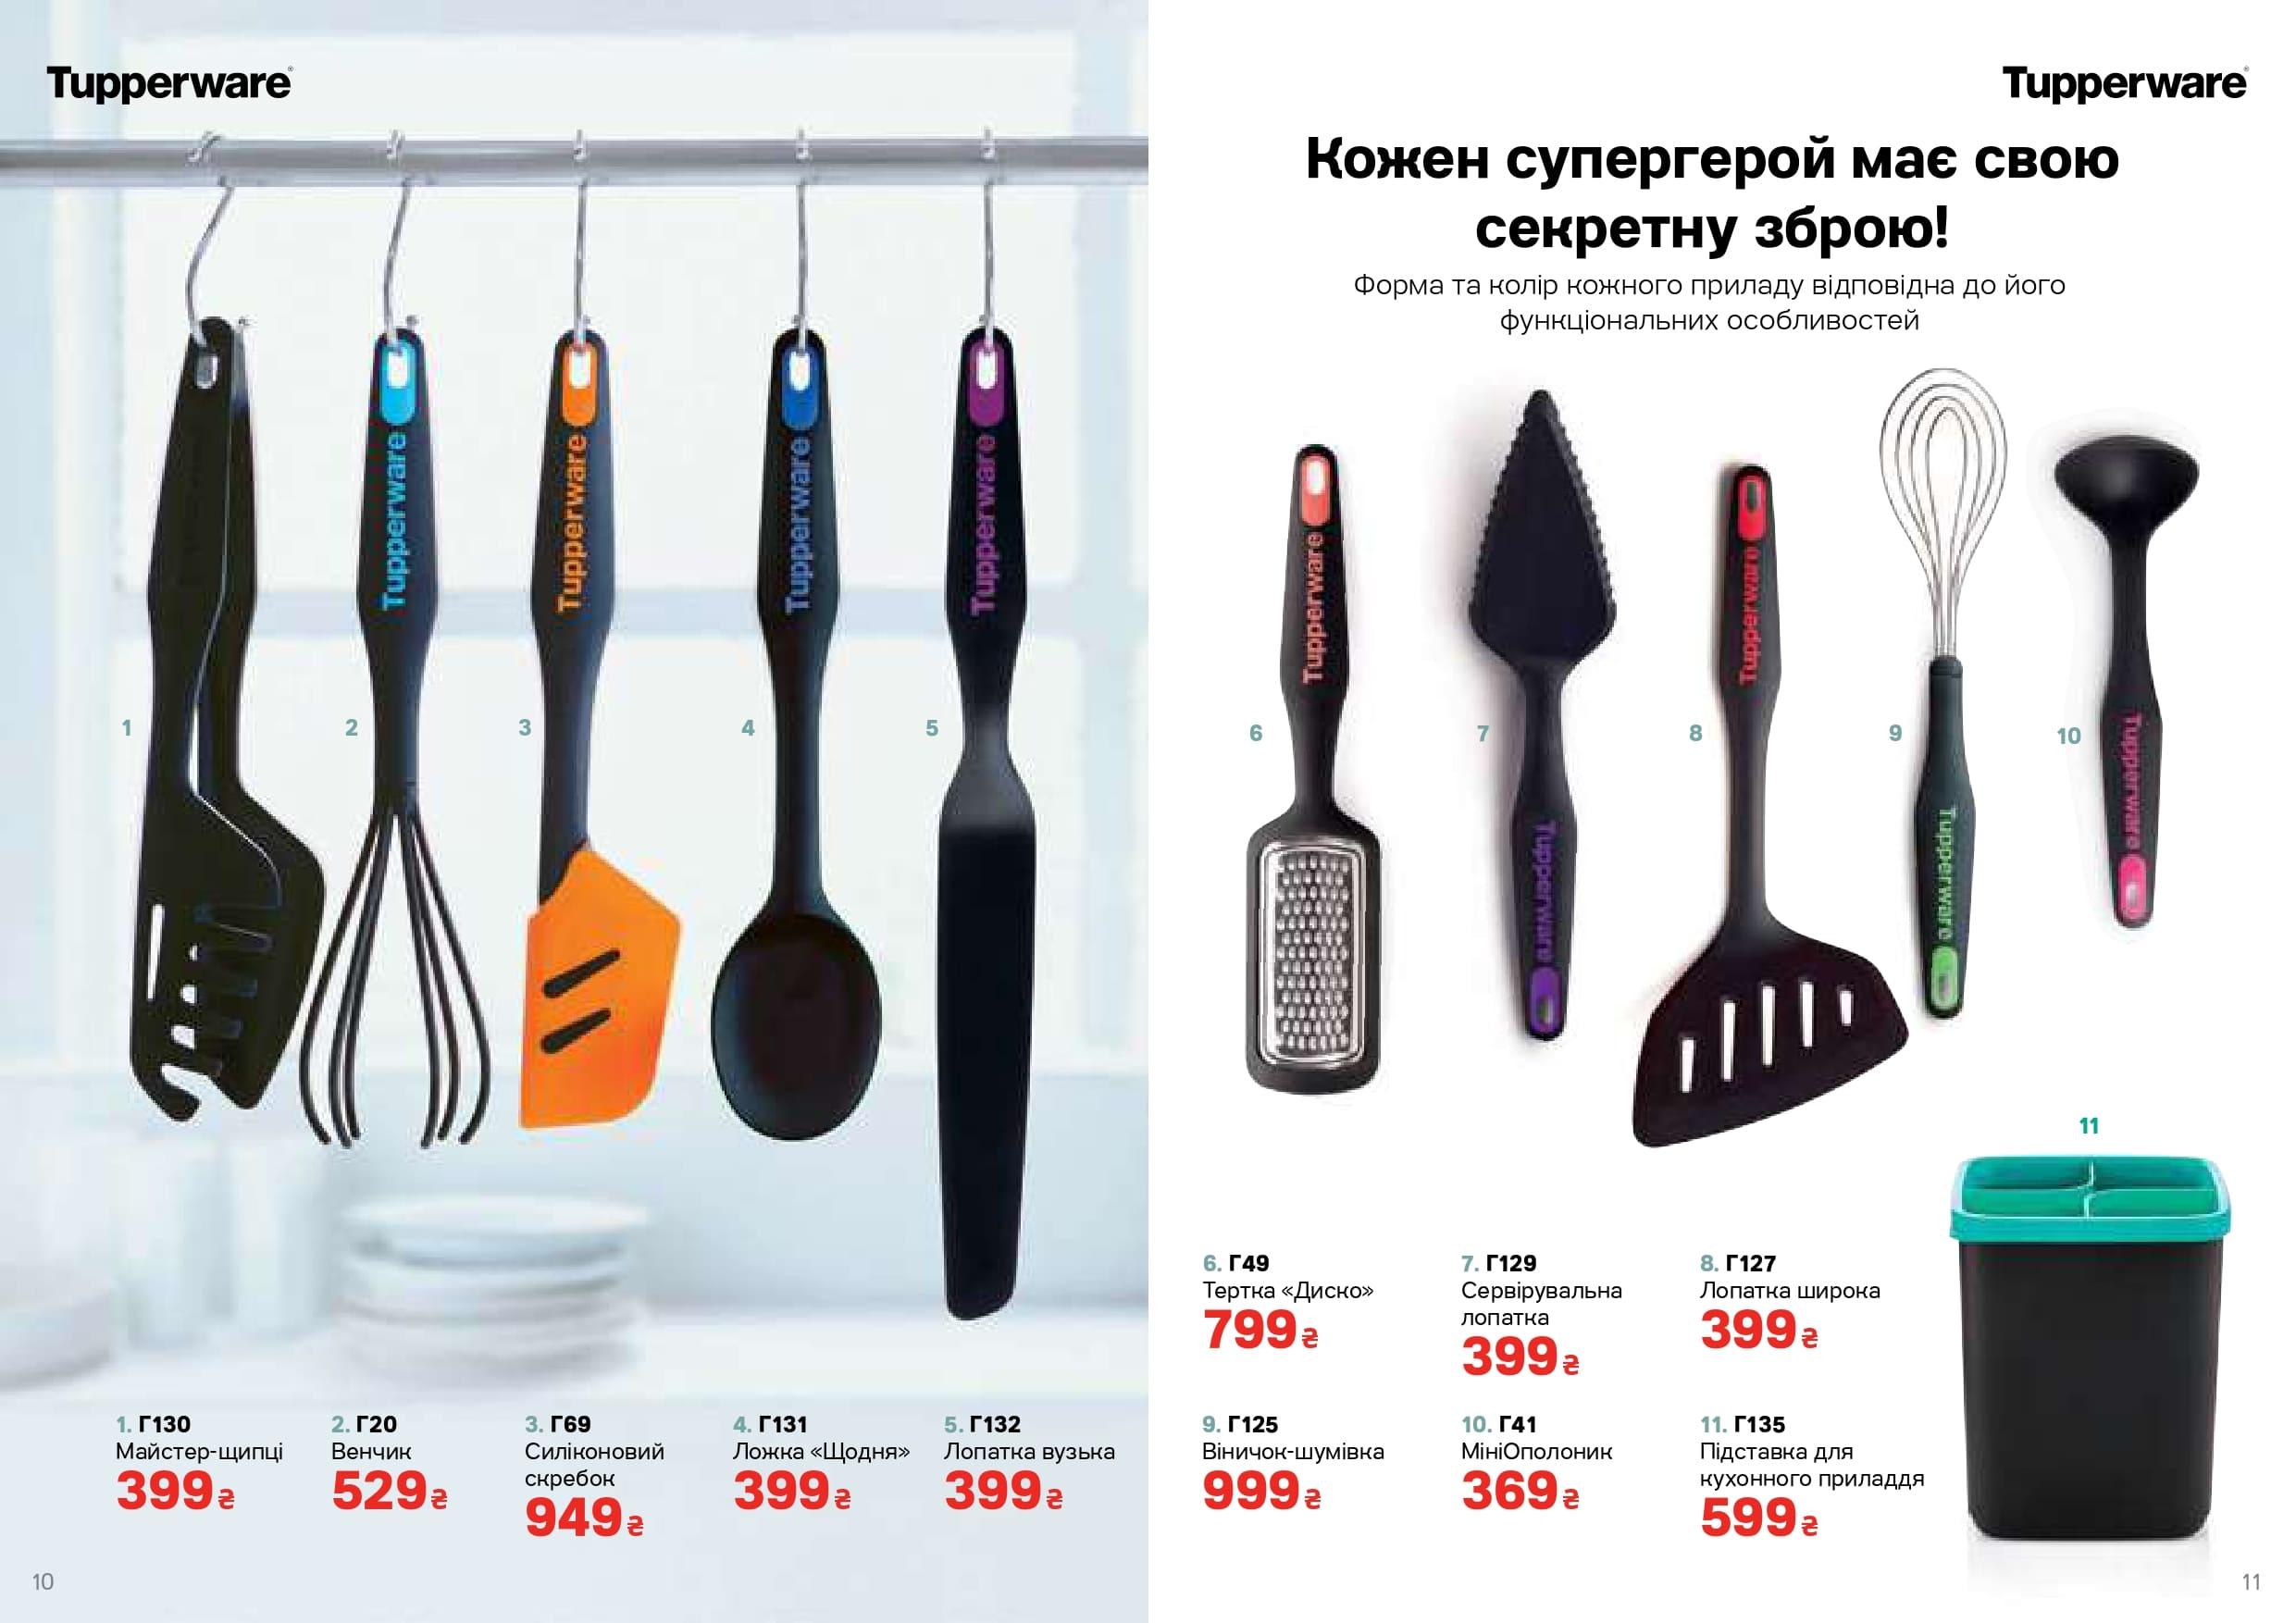 Все кухонные приборы Tupperware, осень 2021 года и зима 2022 года.